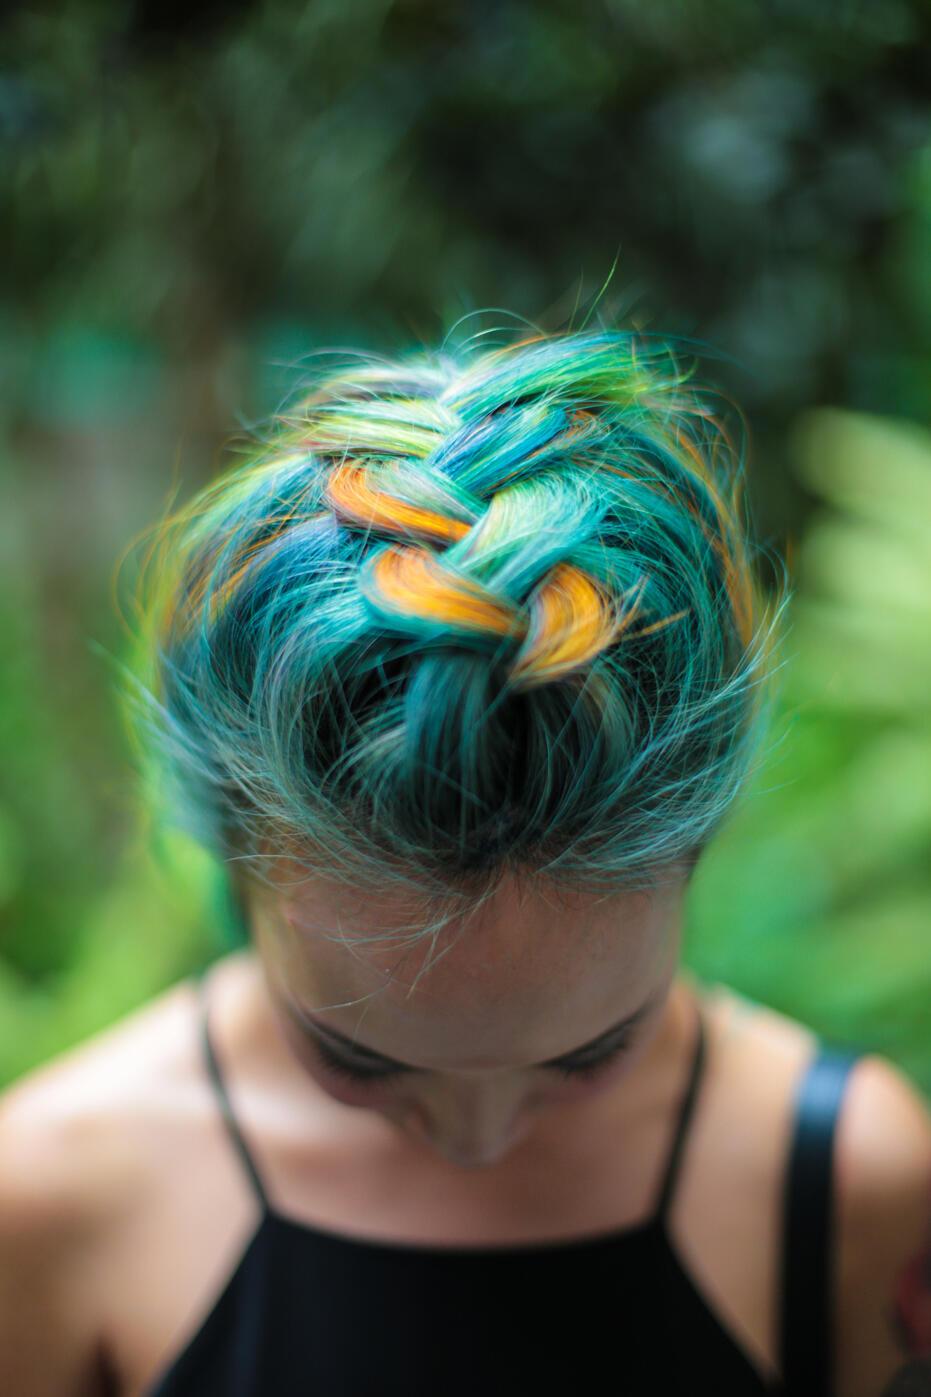 joyce-wong-green-hair-centro-hair-salon-ikwan-hamid-16